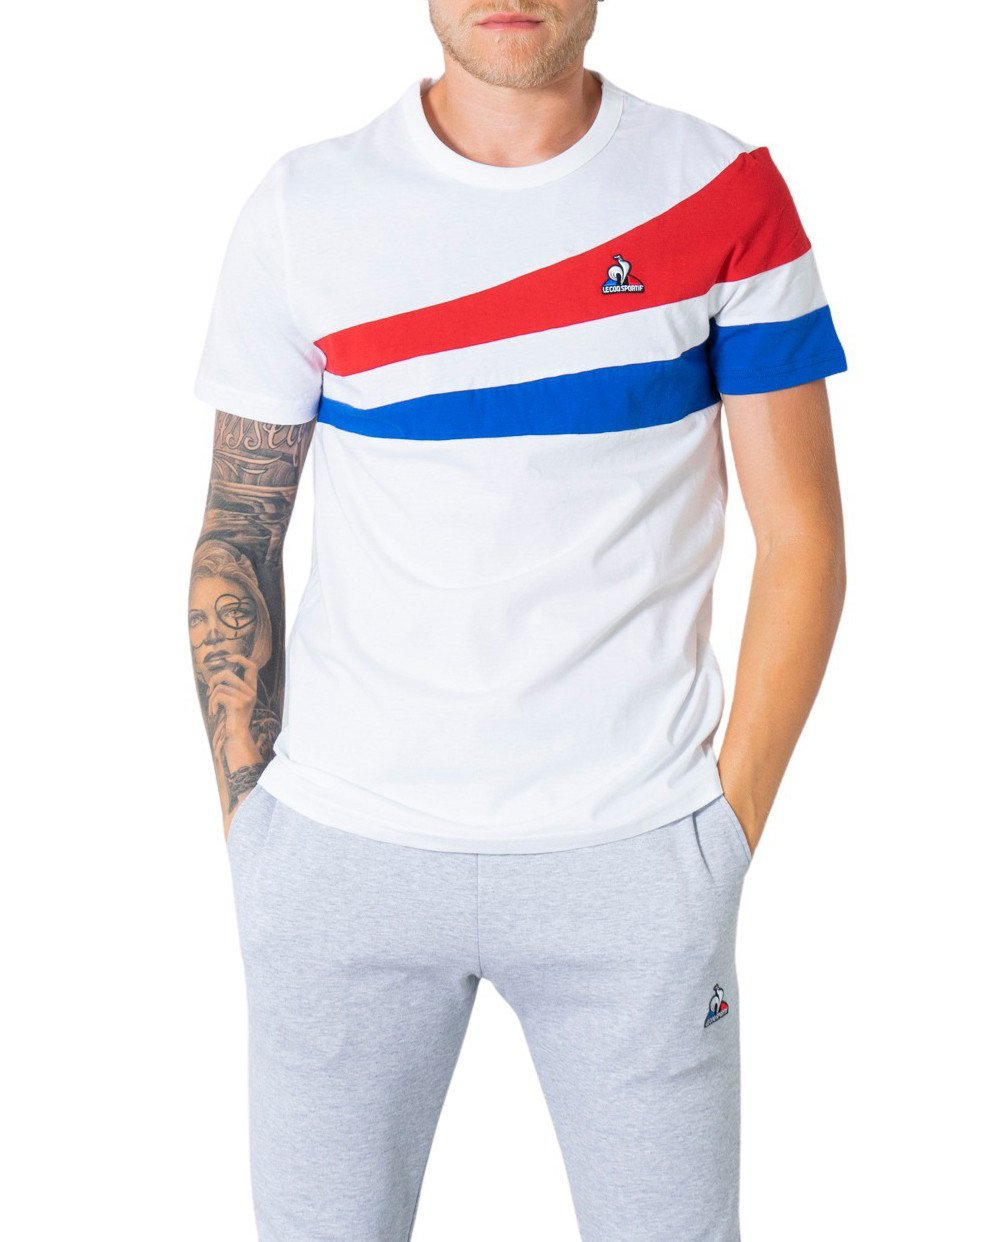 Le Coq Sportif Men's T-Shirt Various Colours 305040 - white S